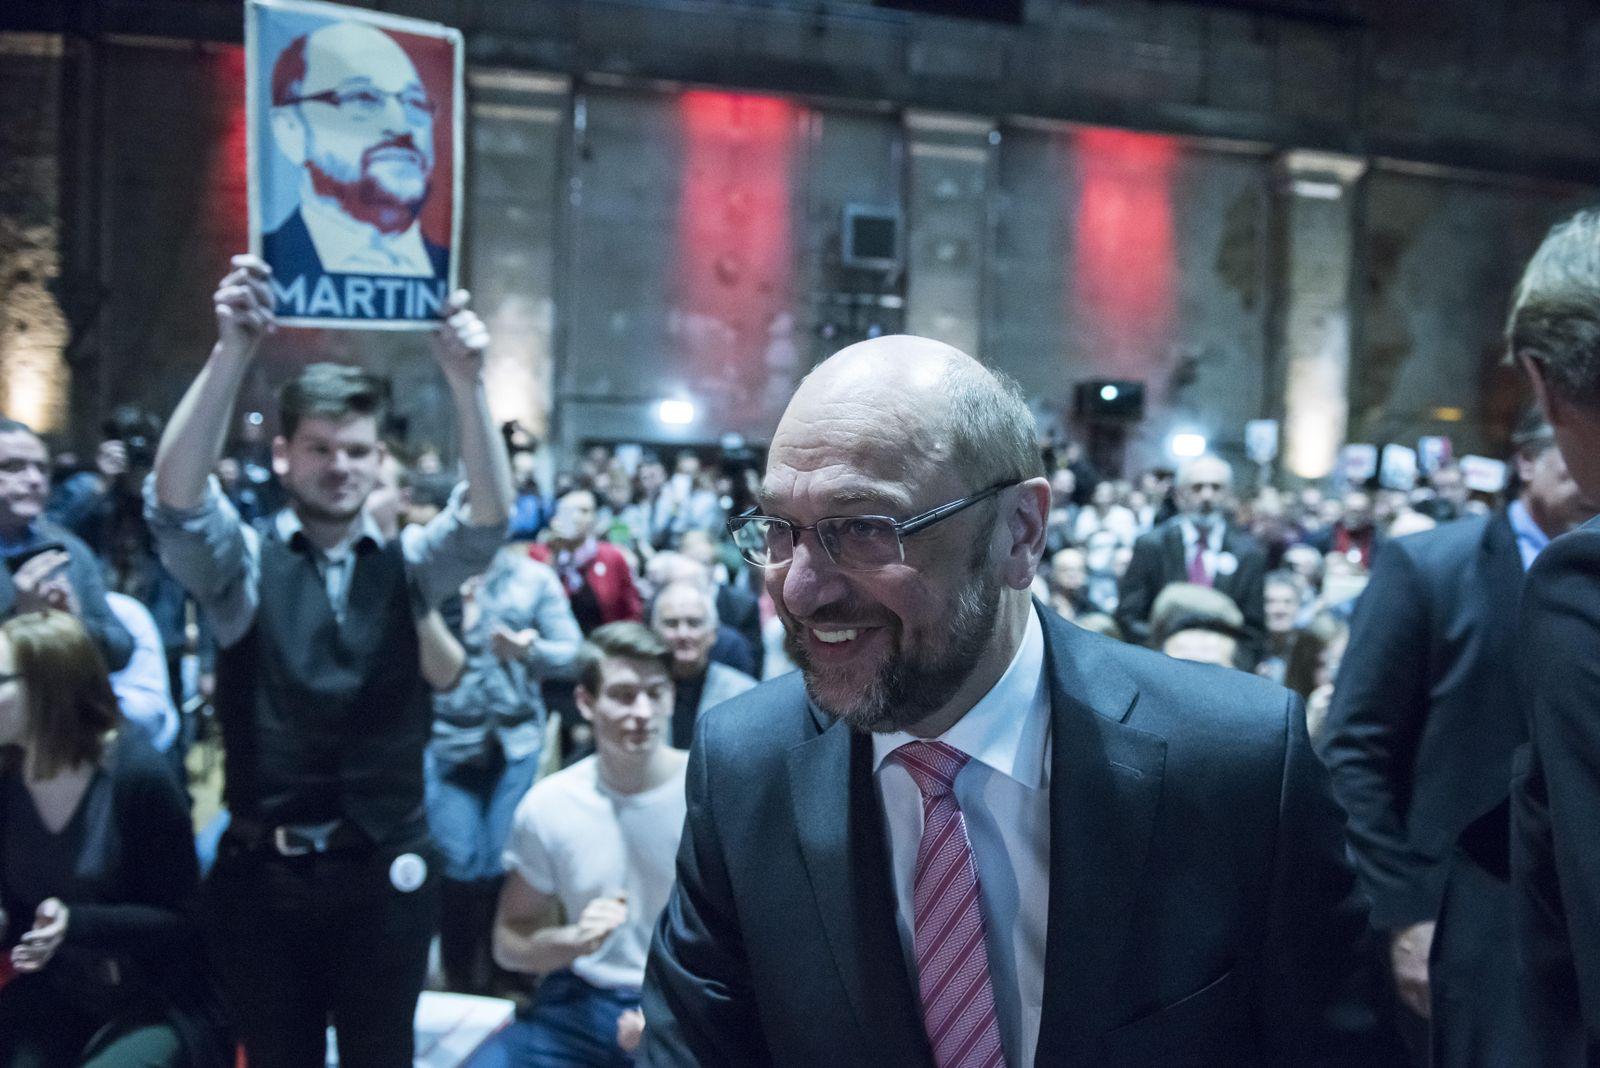 Martin Schulz in Leipzig #2